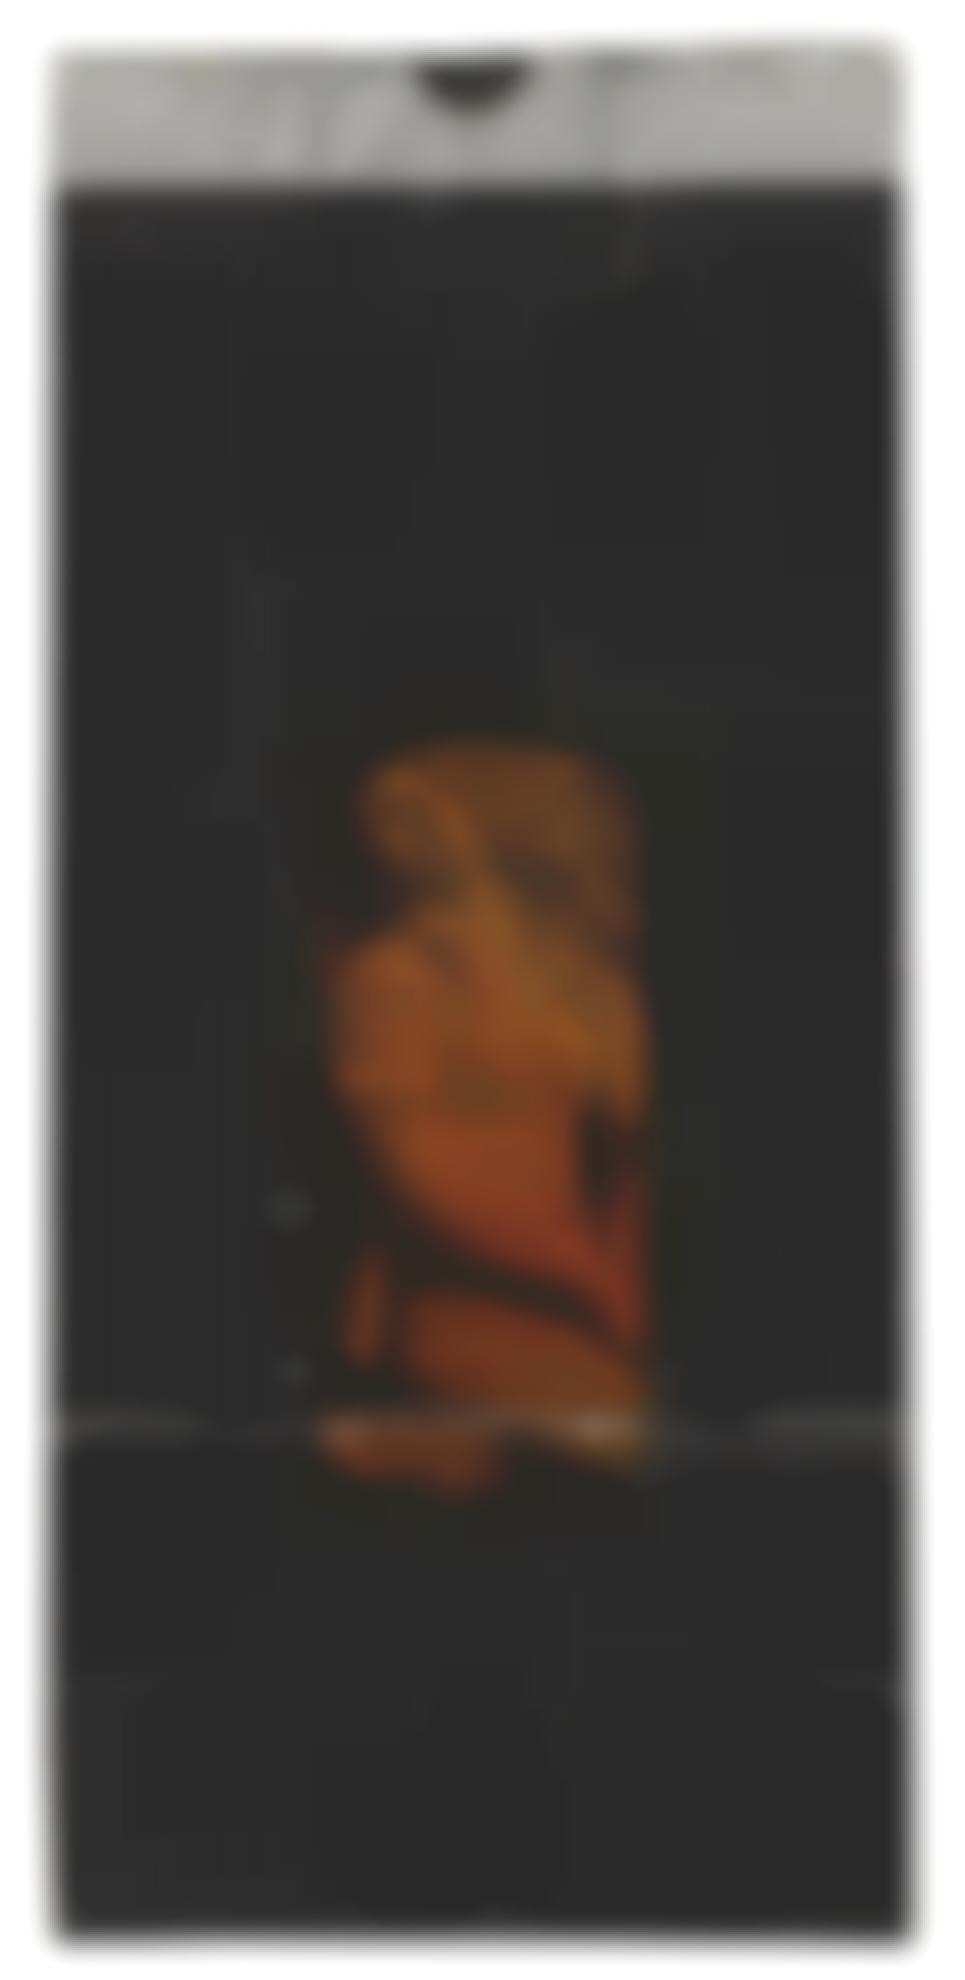 Robert Mapplethorpe-Untitled (Black Paper Bag)-1971